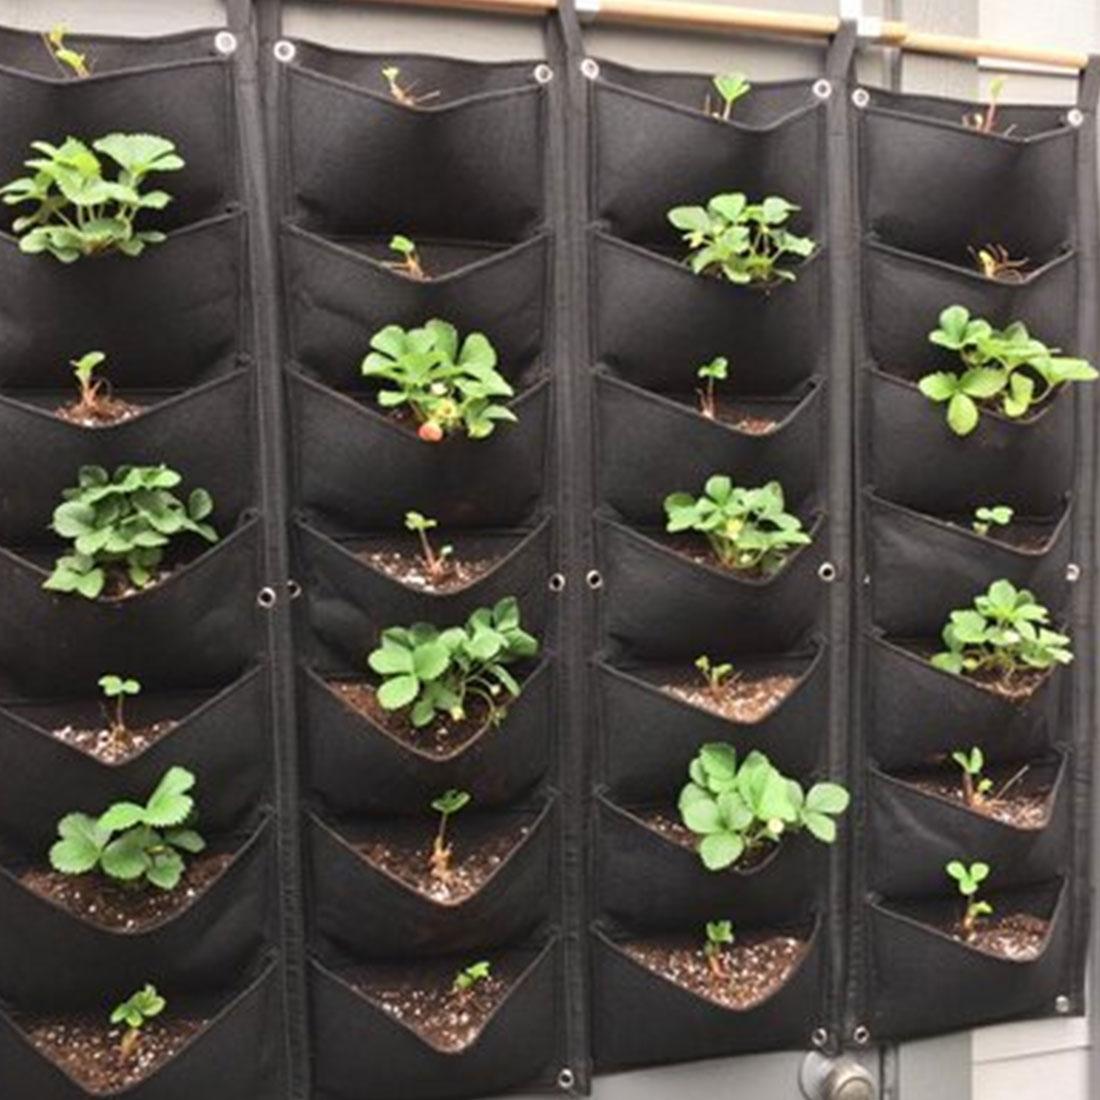 Bolsa de cultivo planta vegetal colgante de pared Vertical bolsillos de jardinería tela de fieltro negra macetas suministros de jardín